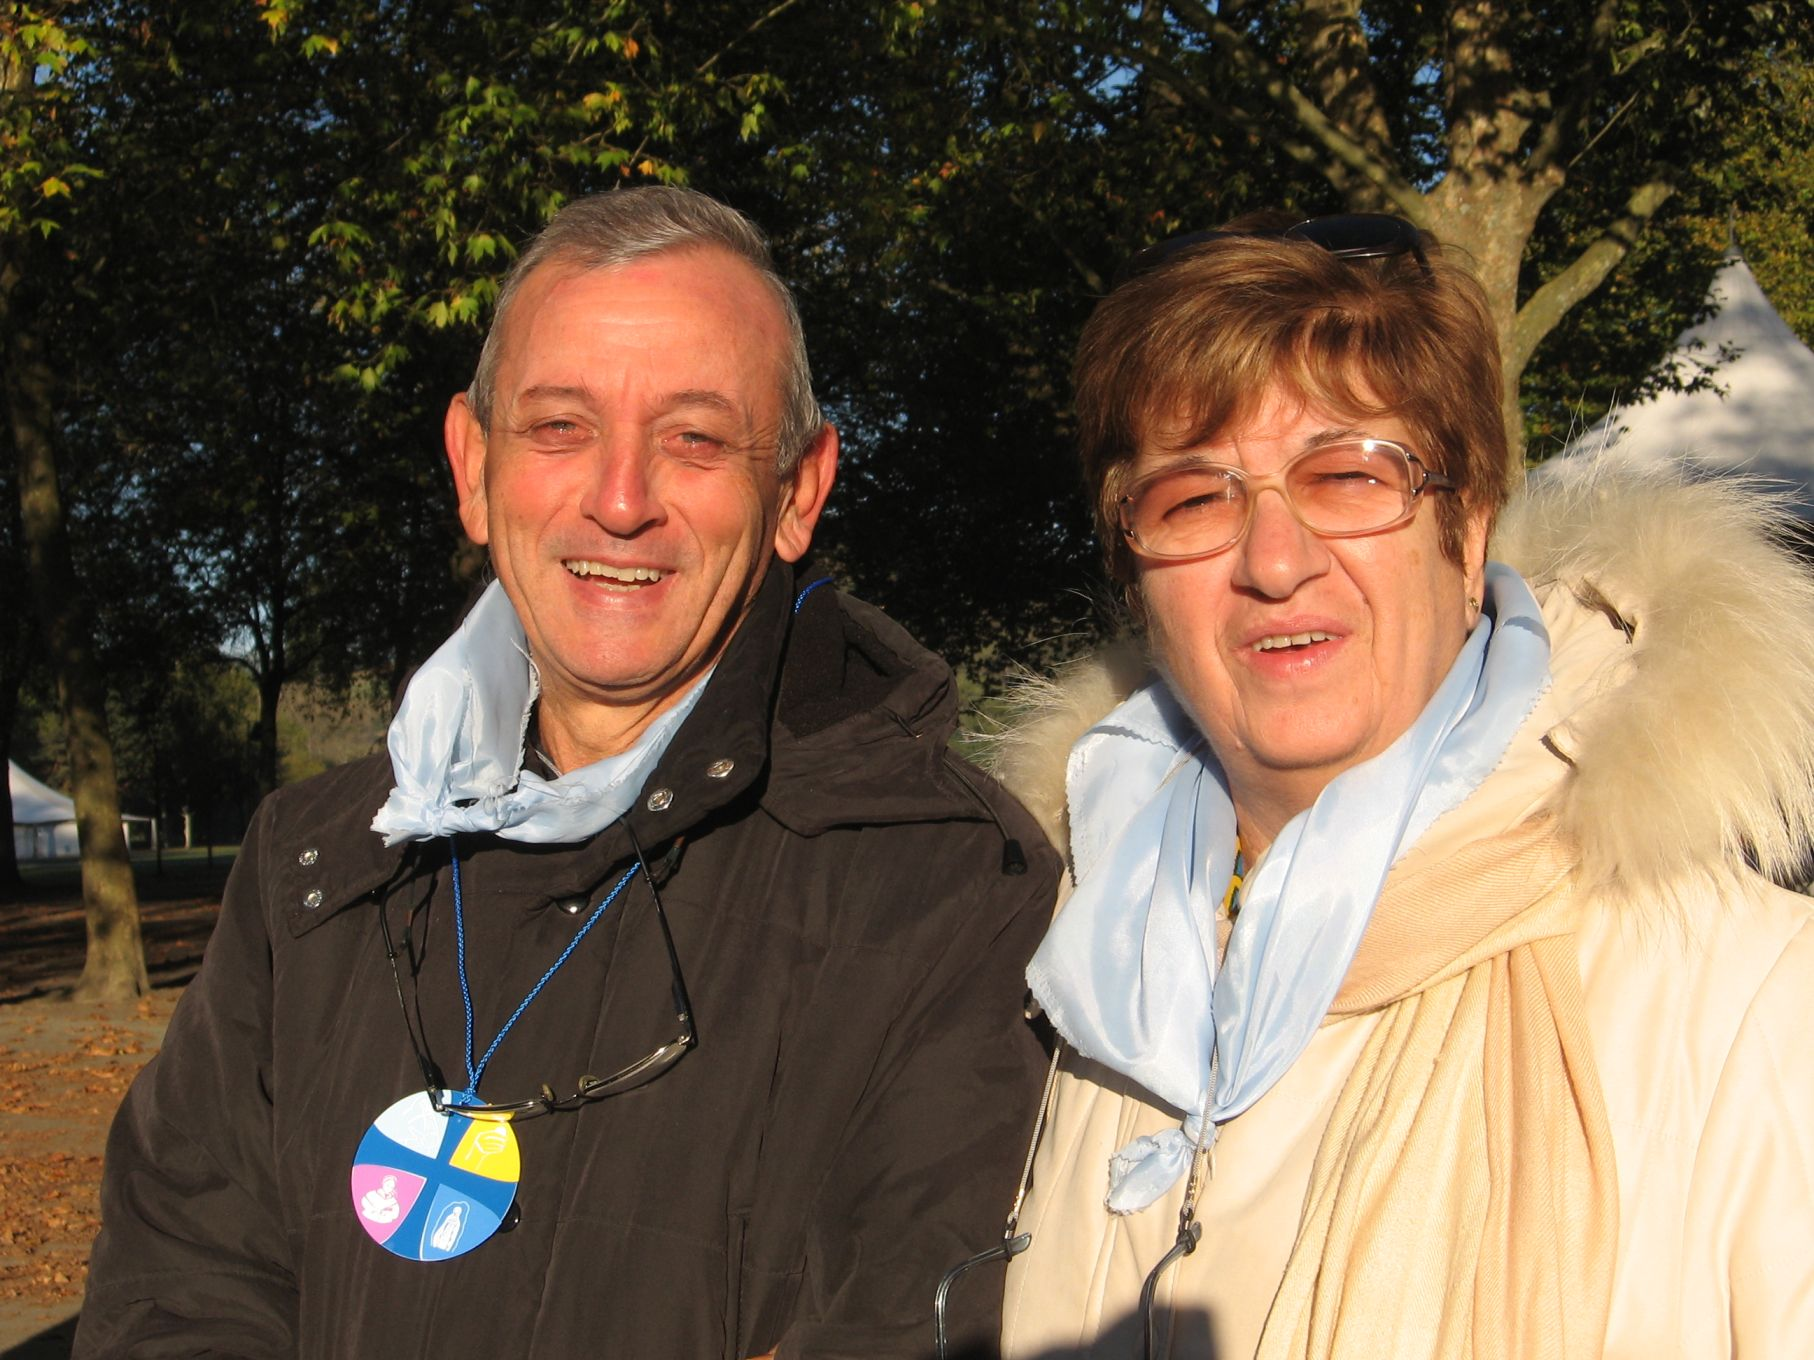 Lourdes-2008-10-26--09.38.49.jpg